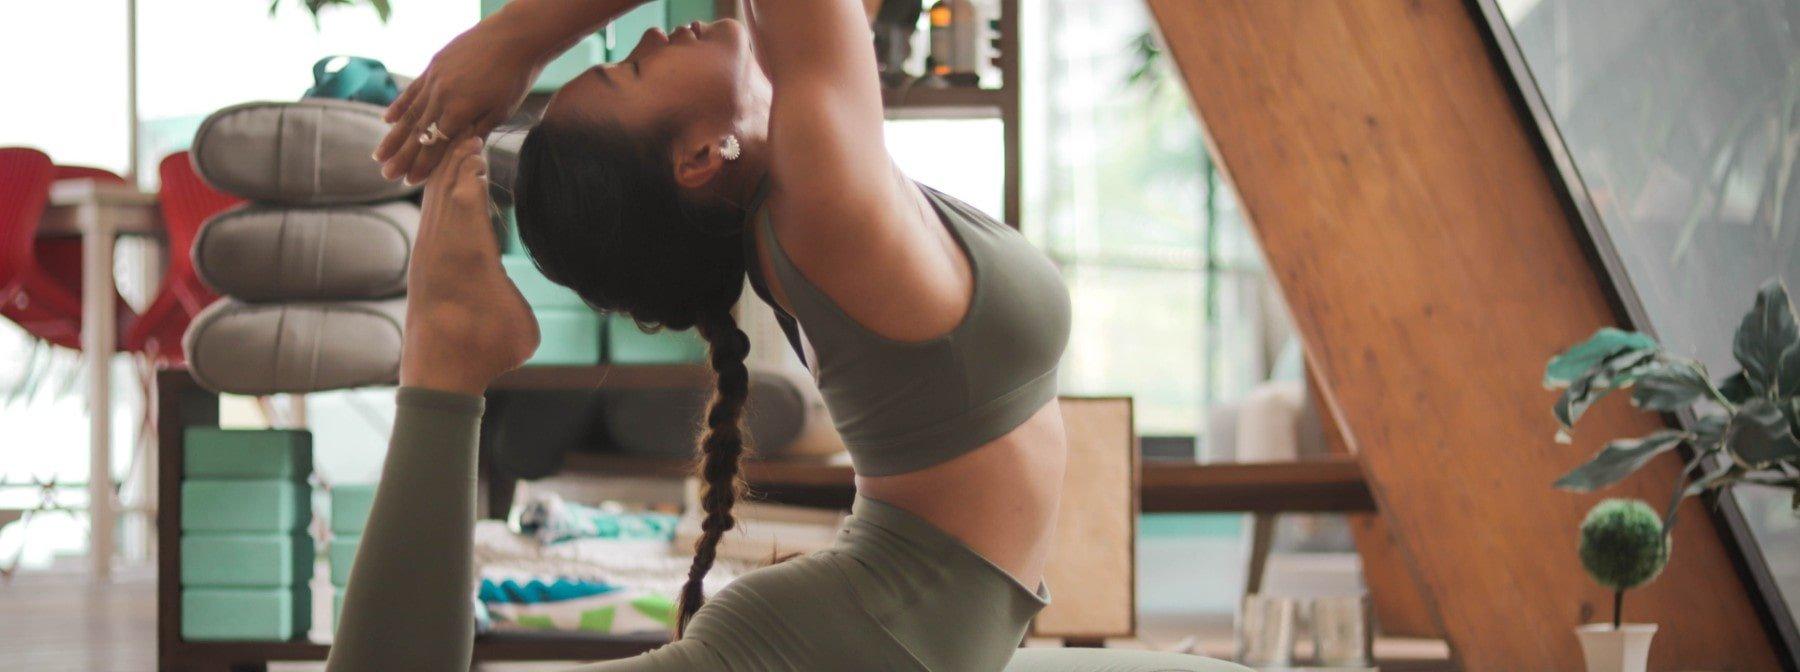 10 Lektionen, die Fitnessstudiomitglieder aus der Pandemie mitnehmen können